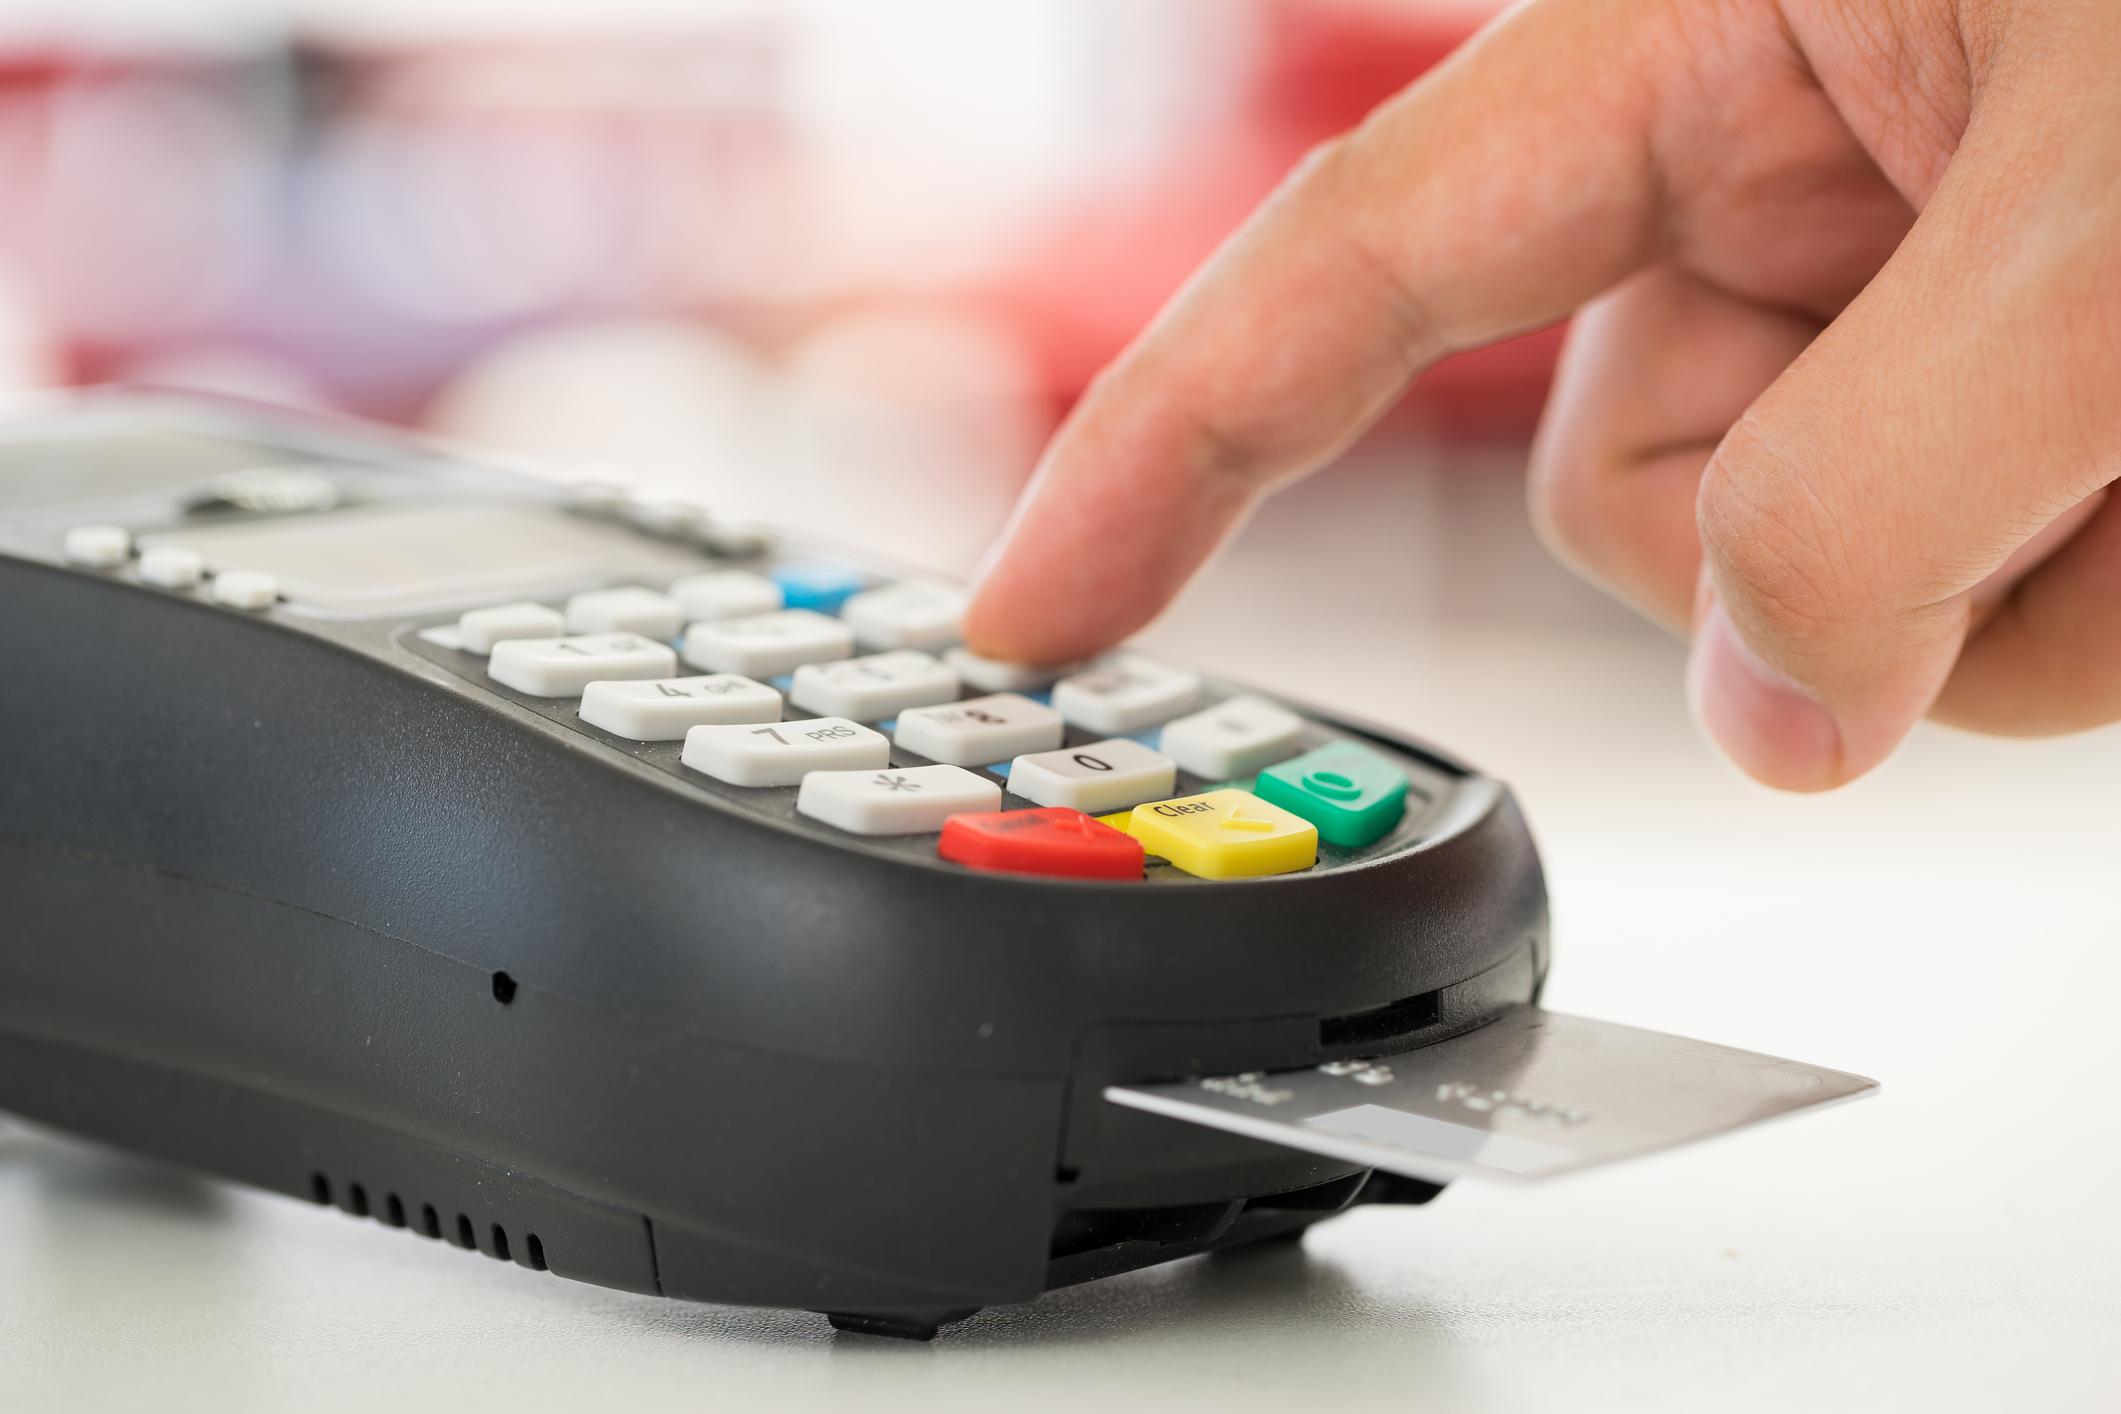 A card swipe machine with a card in it.